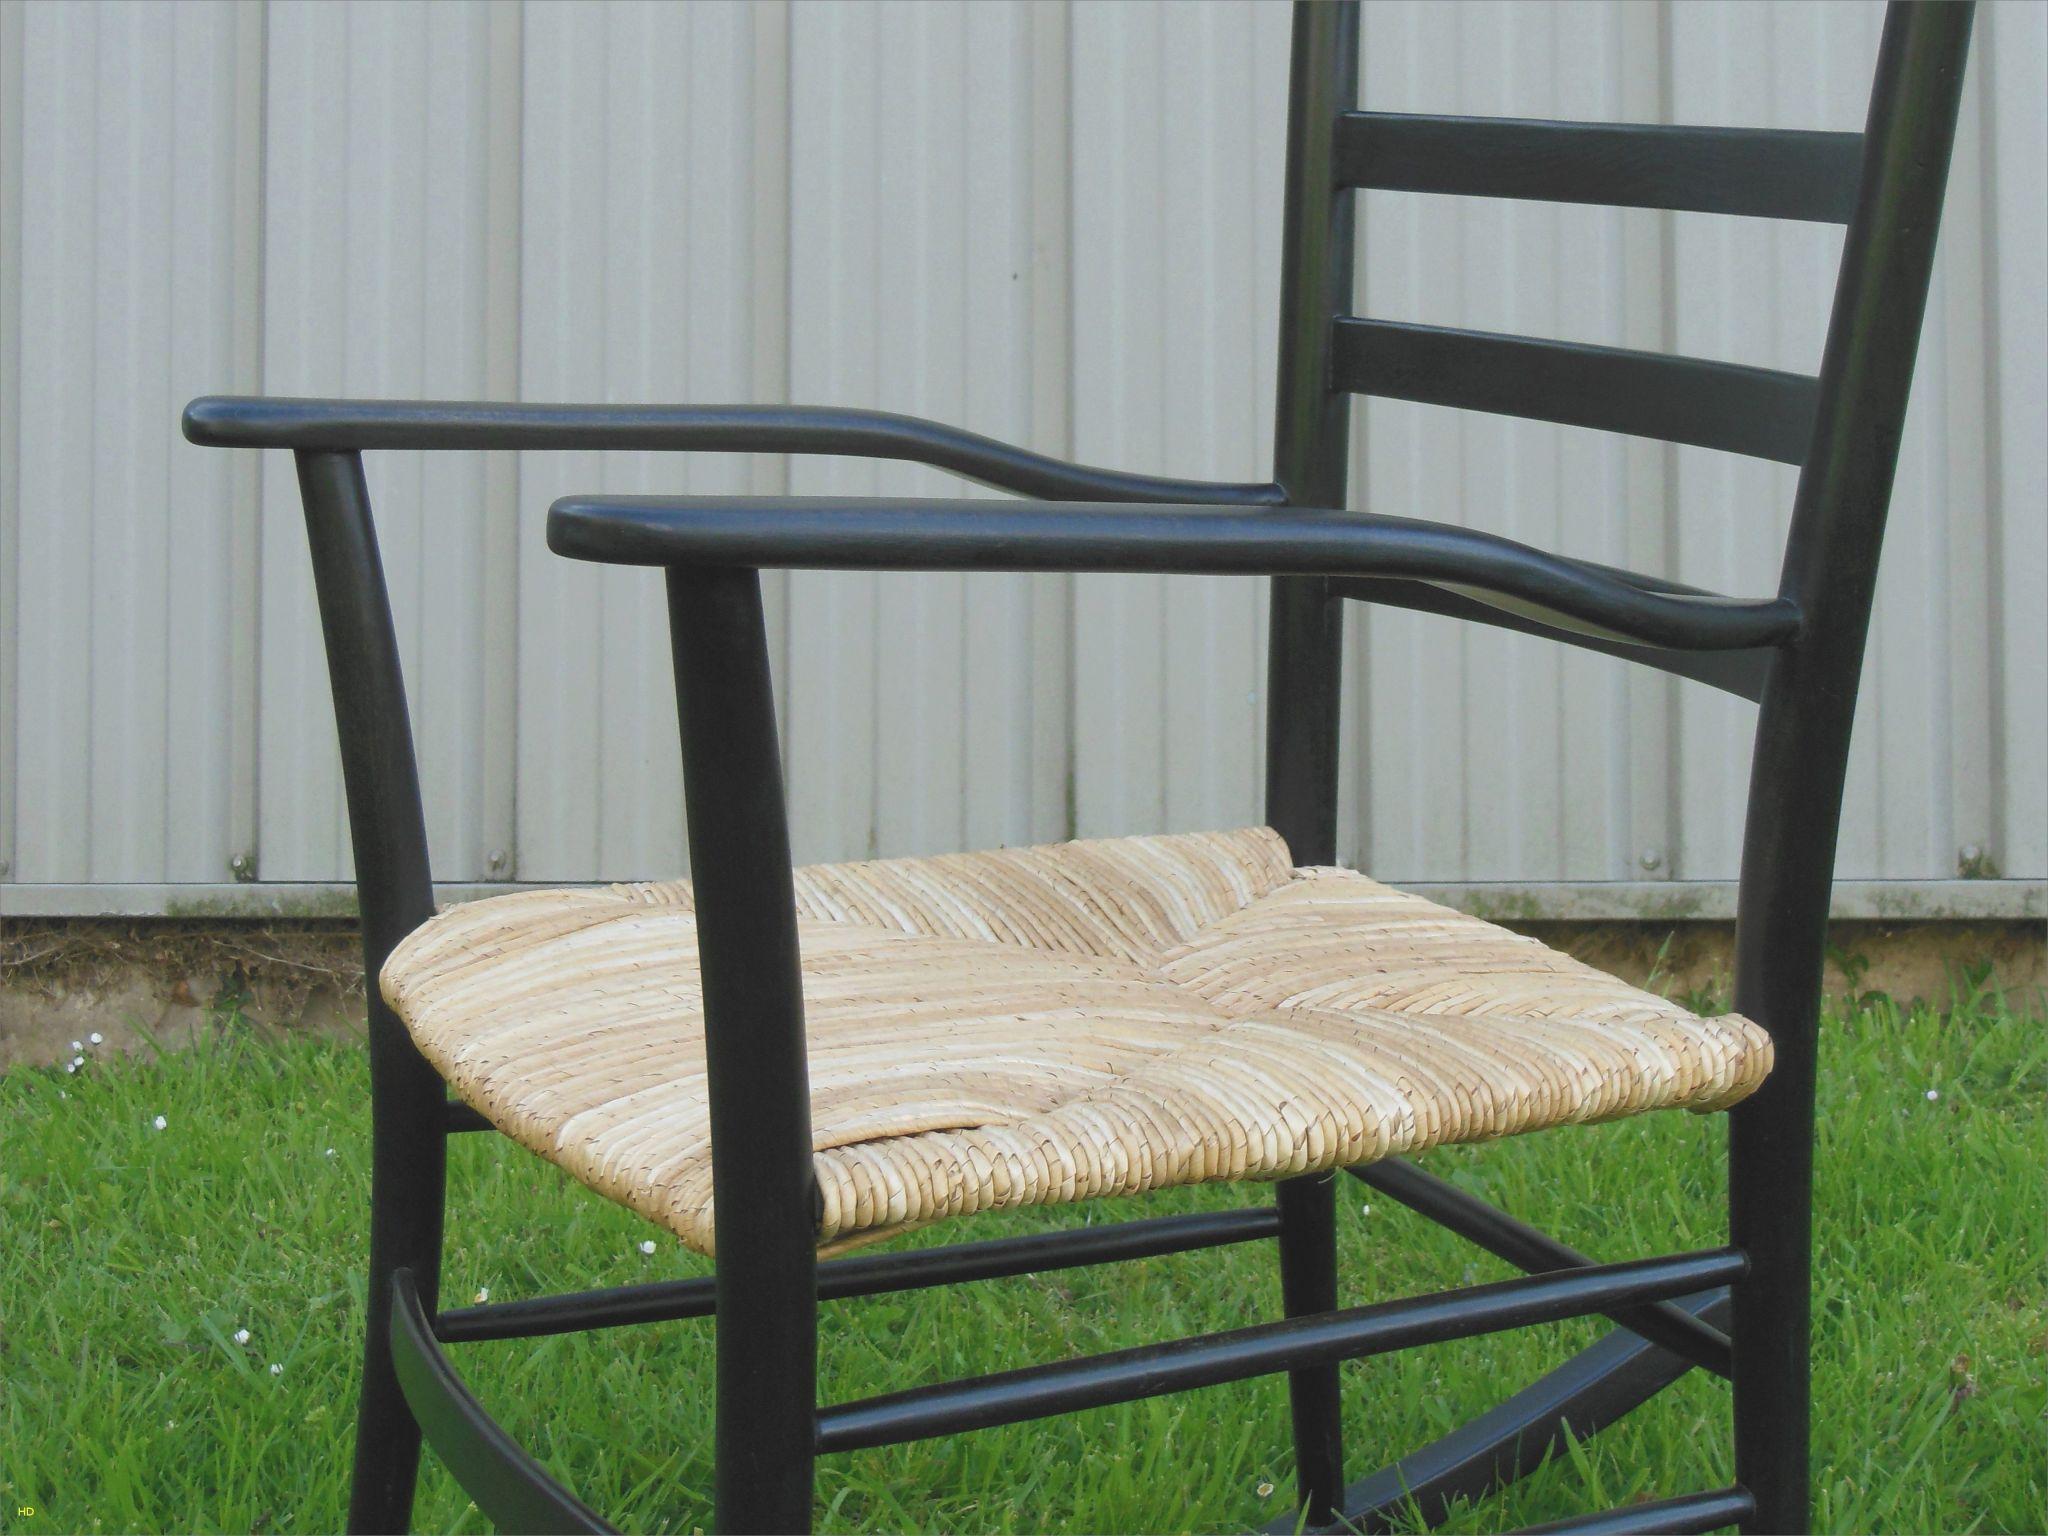 Chaise Pour Table De Jardin Ou 42 Tables Jardin Castorama ... concernant Chaises De Jardin Castorama